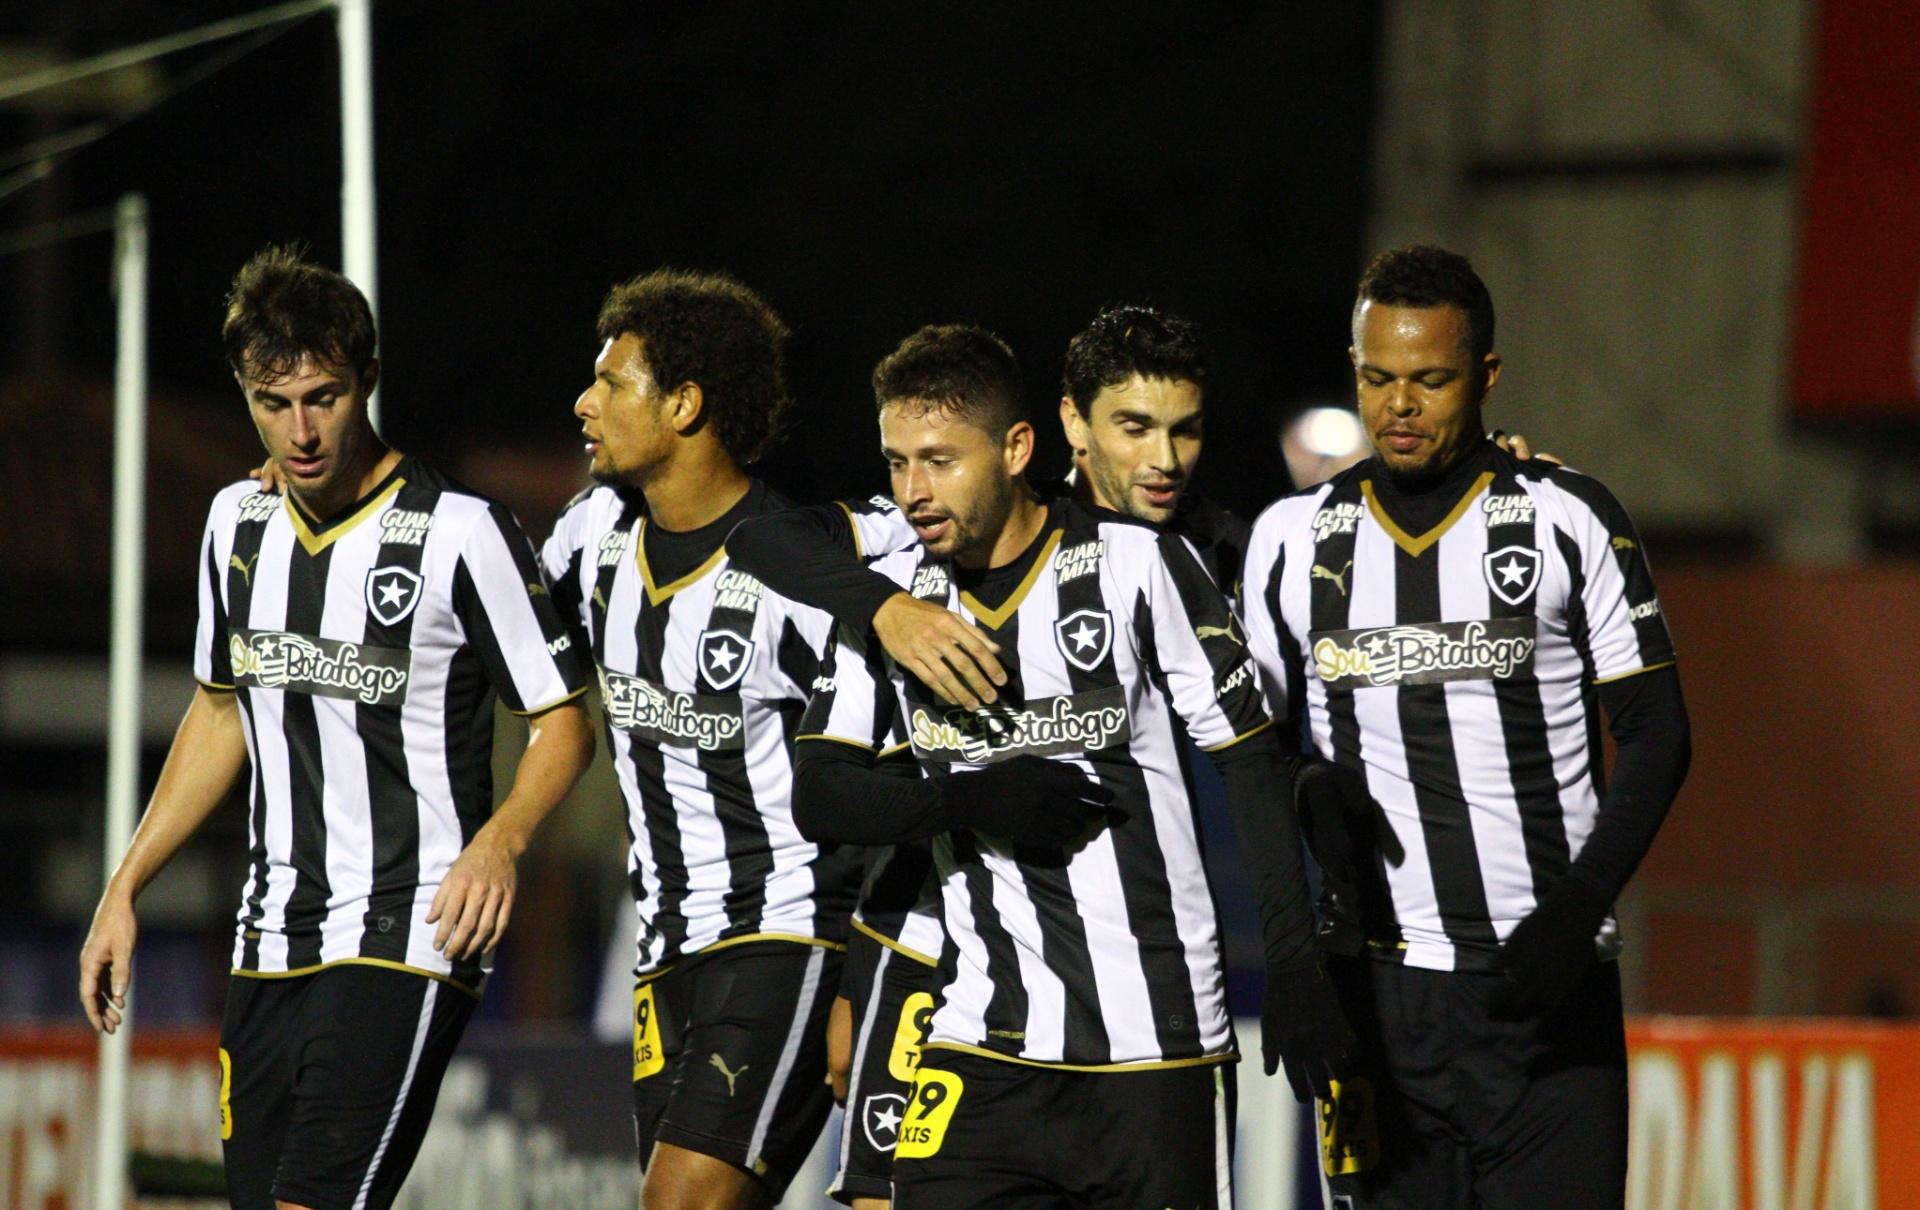 07c6481915 Confira os 10 momentos mais marcantes do Botafogo na Série B - 10 11 2015 -  UOL Esporte